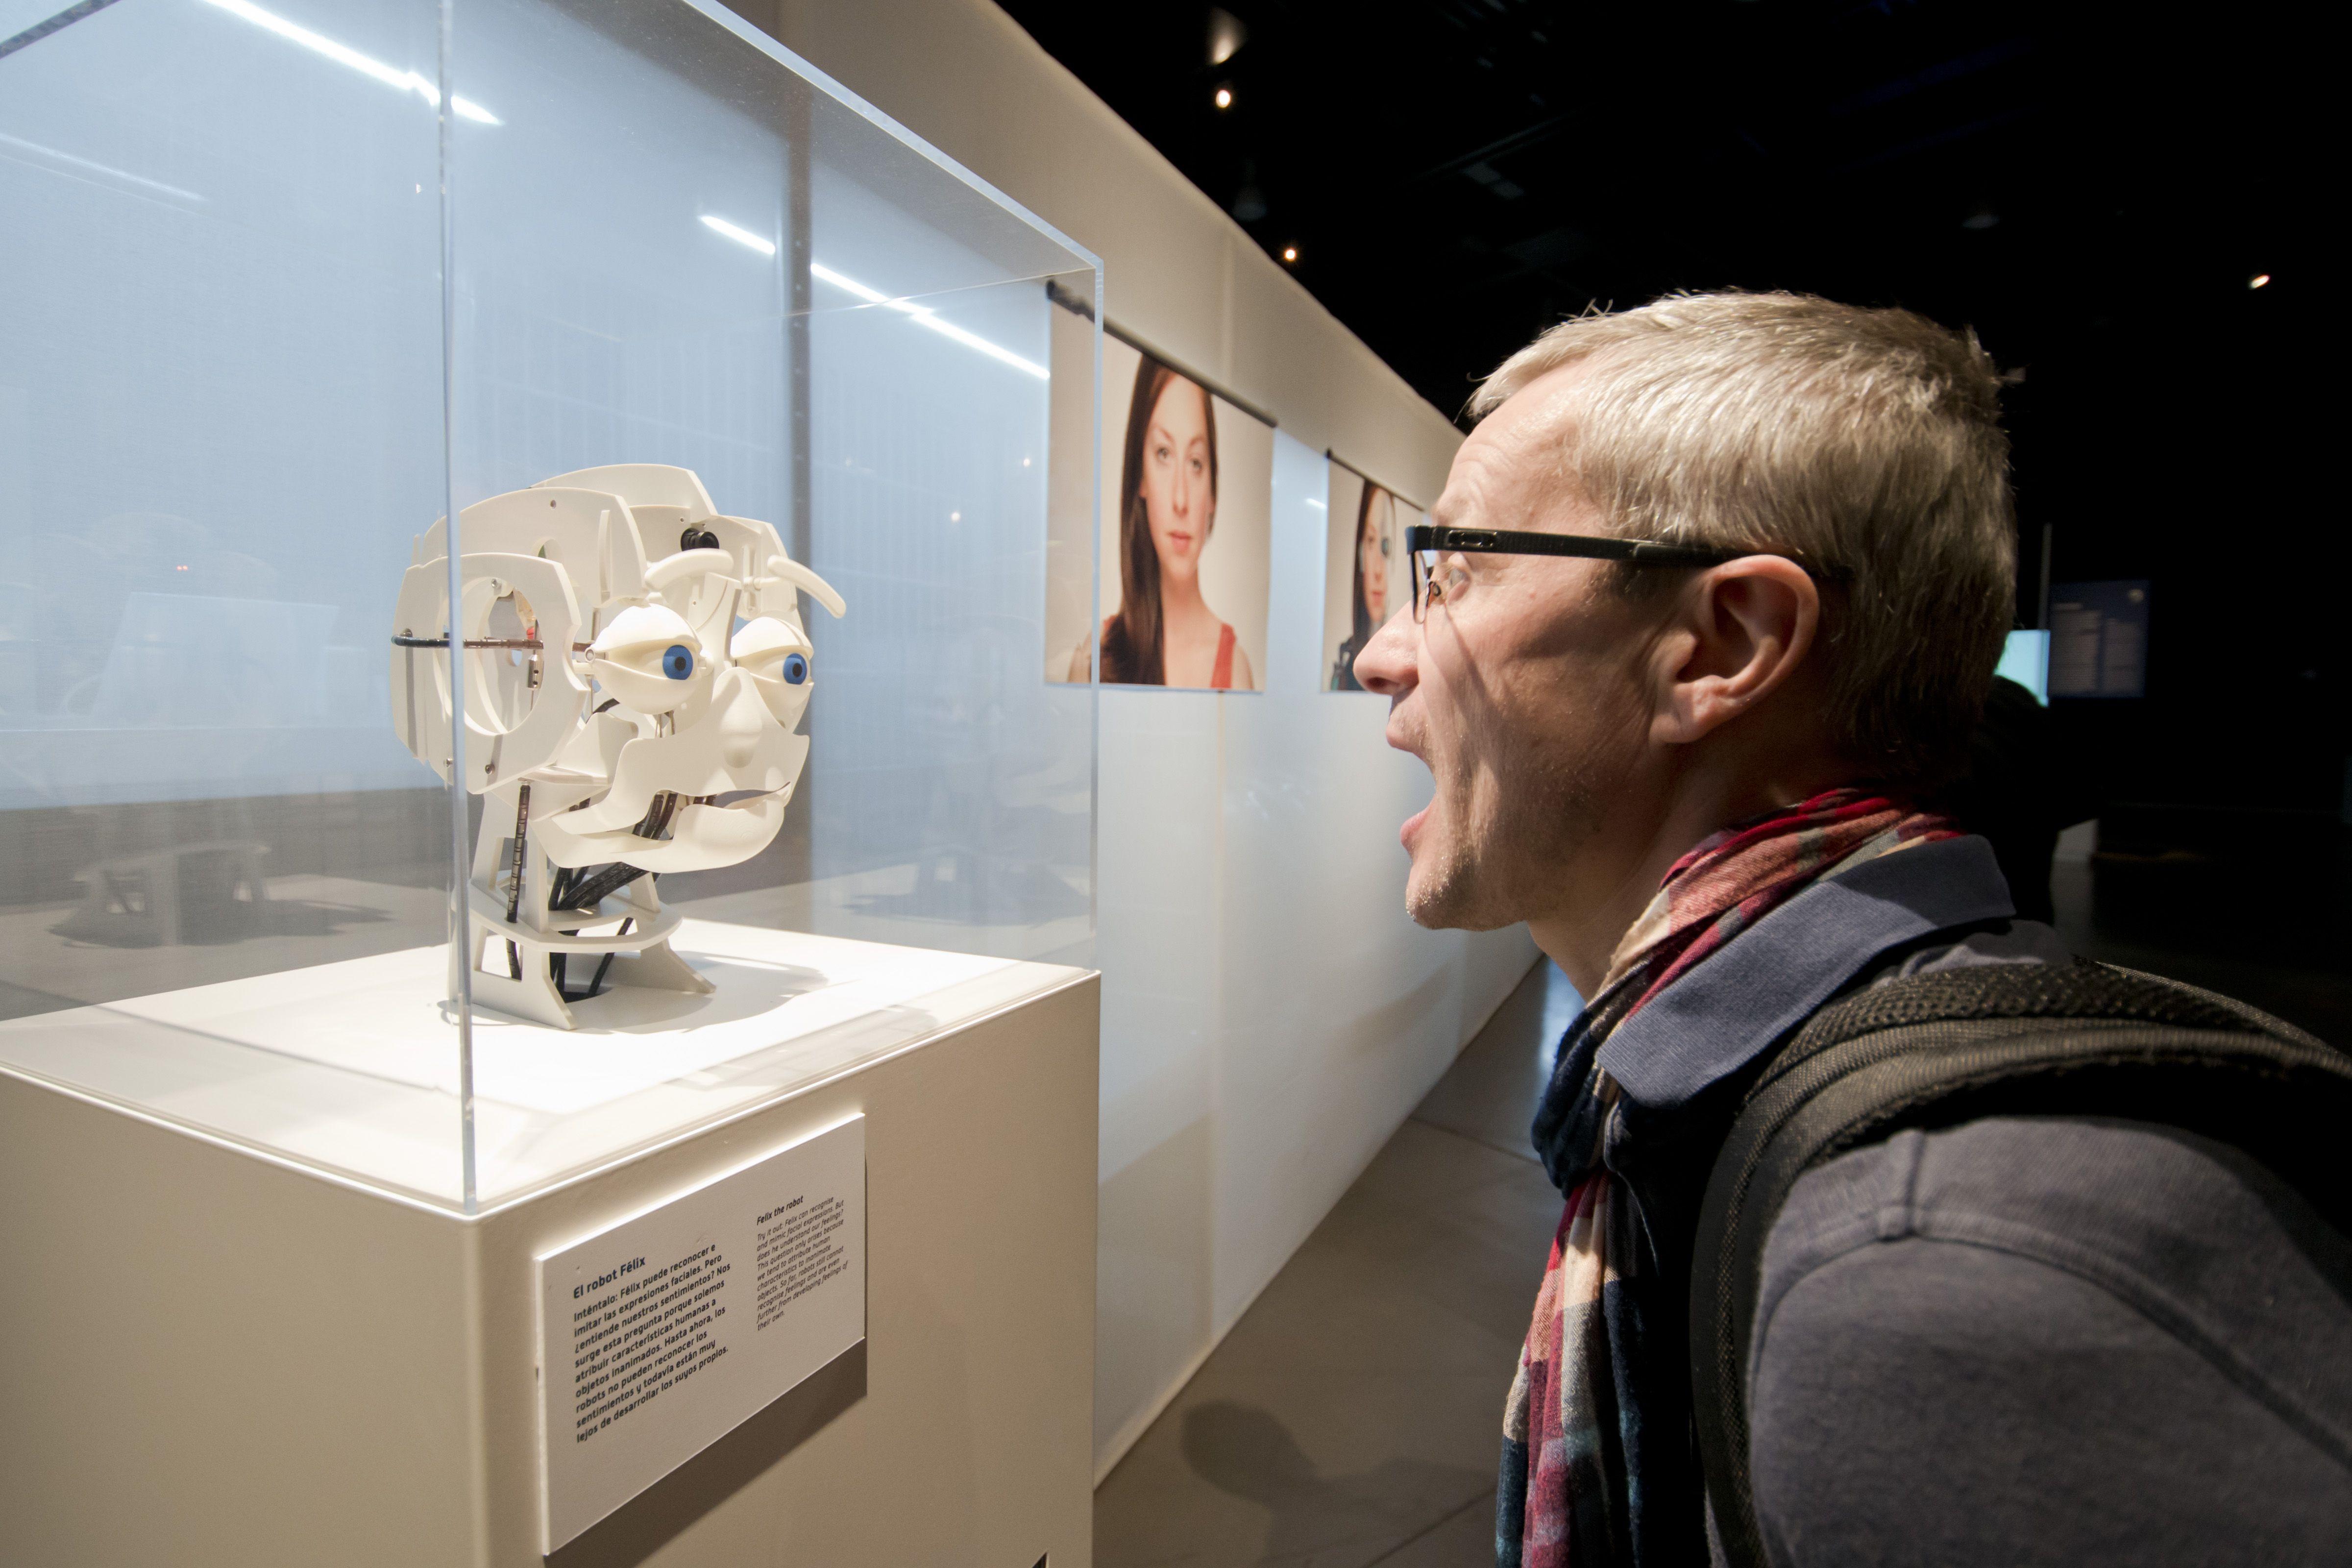 El Parque de las Ciencias desembarca en Burdeos con una exposición sobre la relación entre humanos y robots